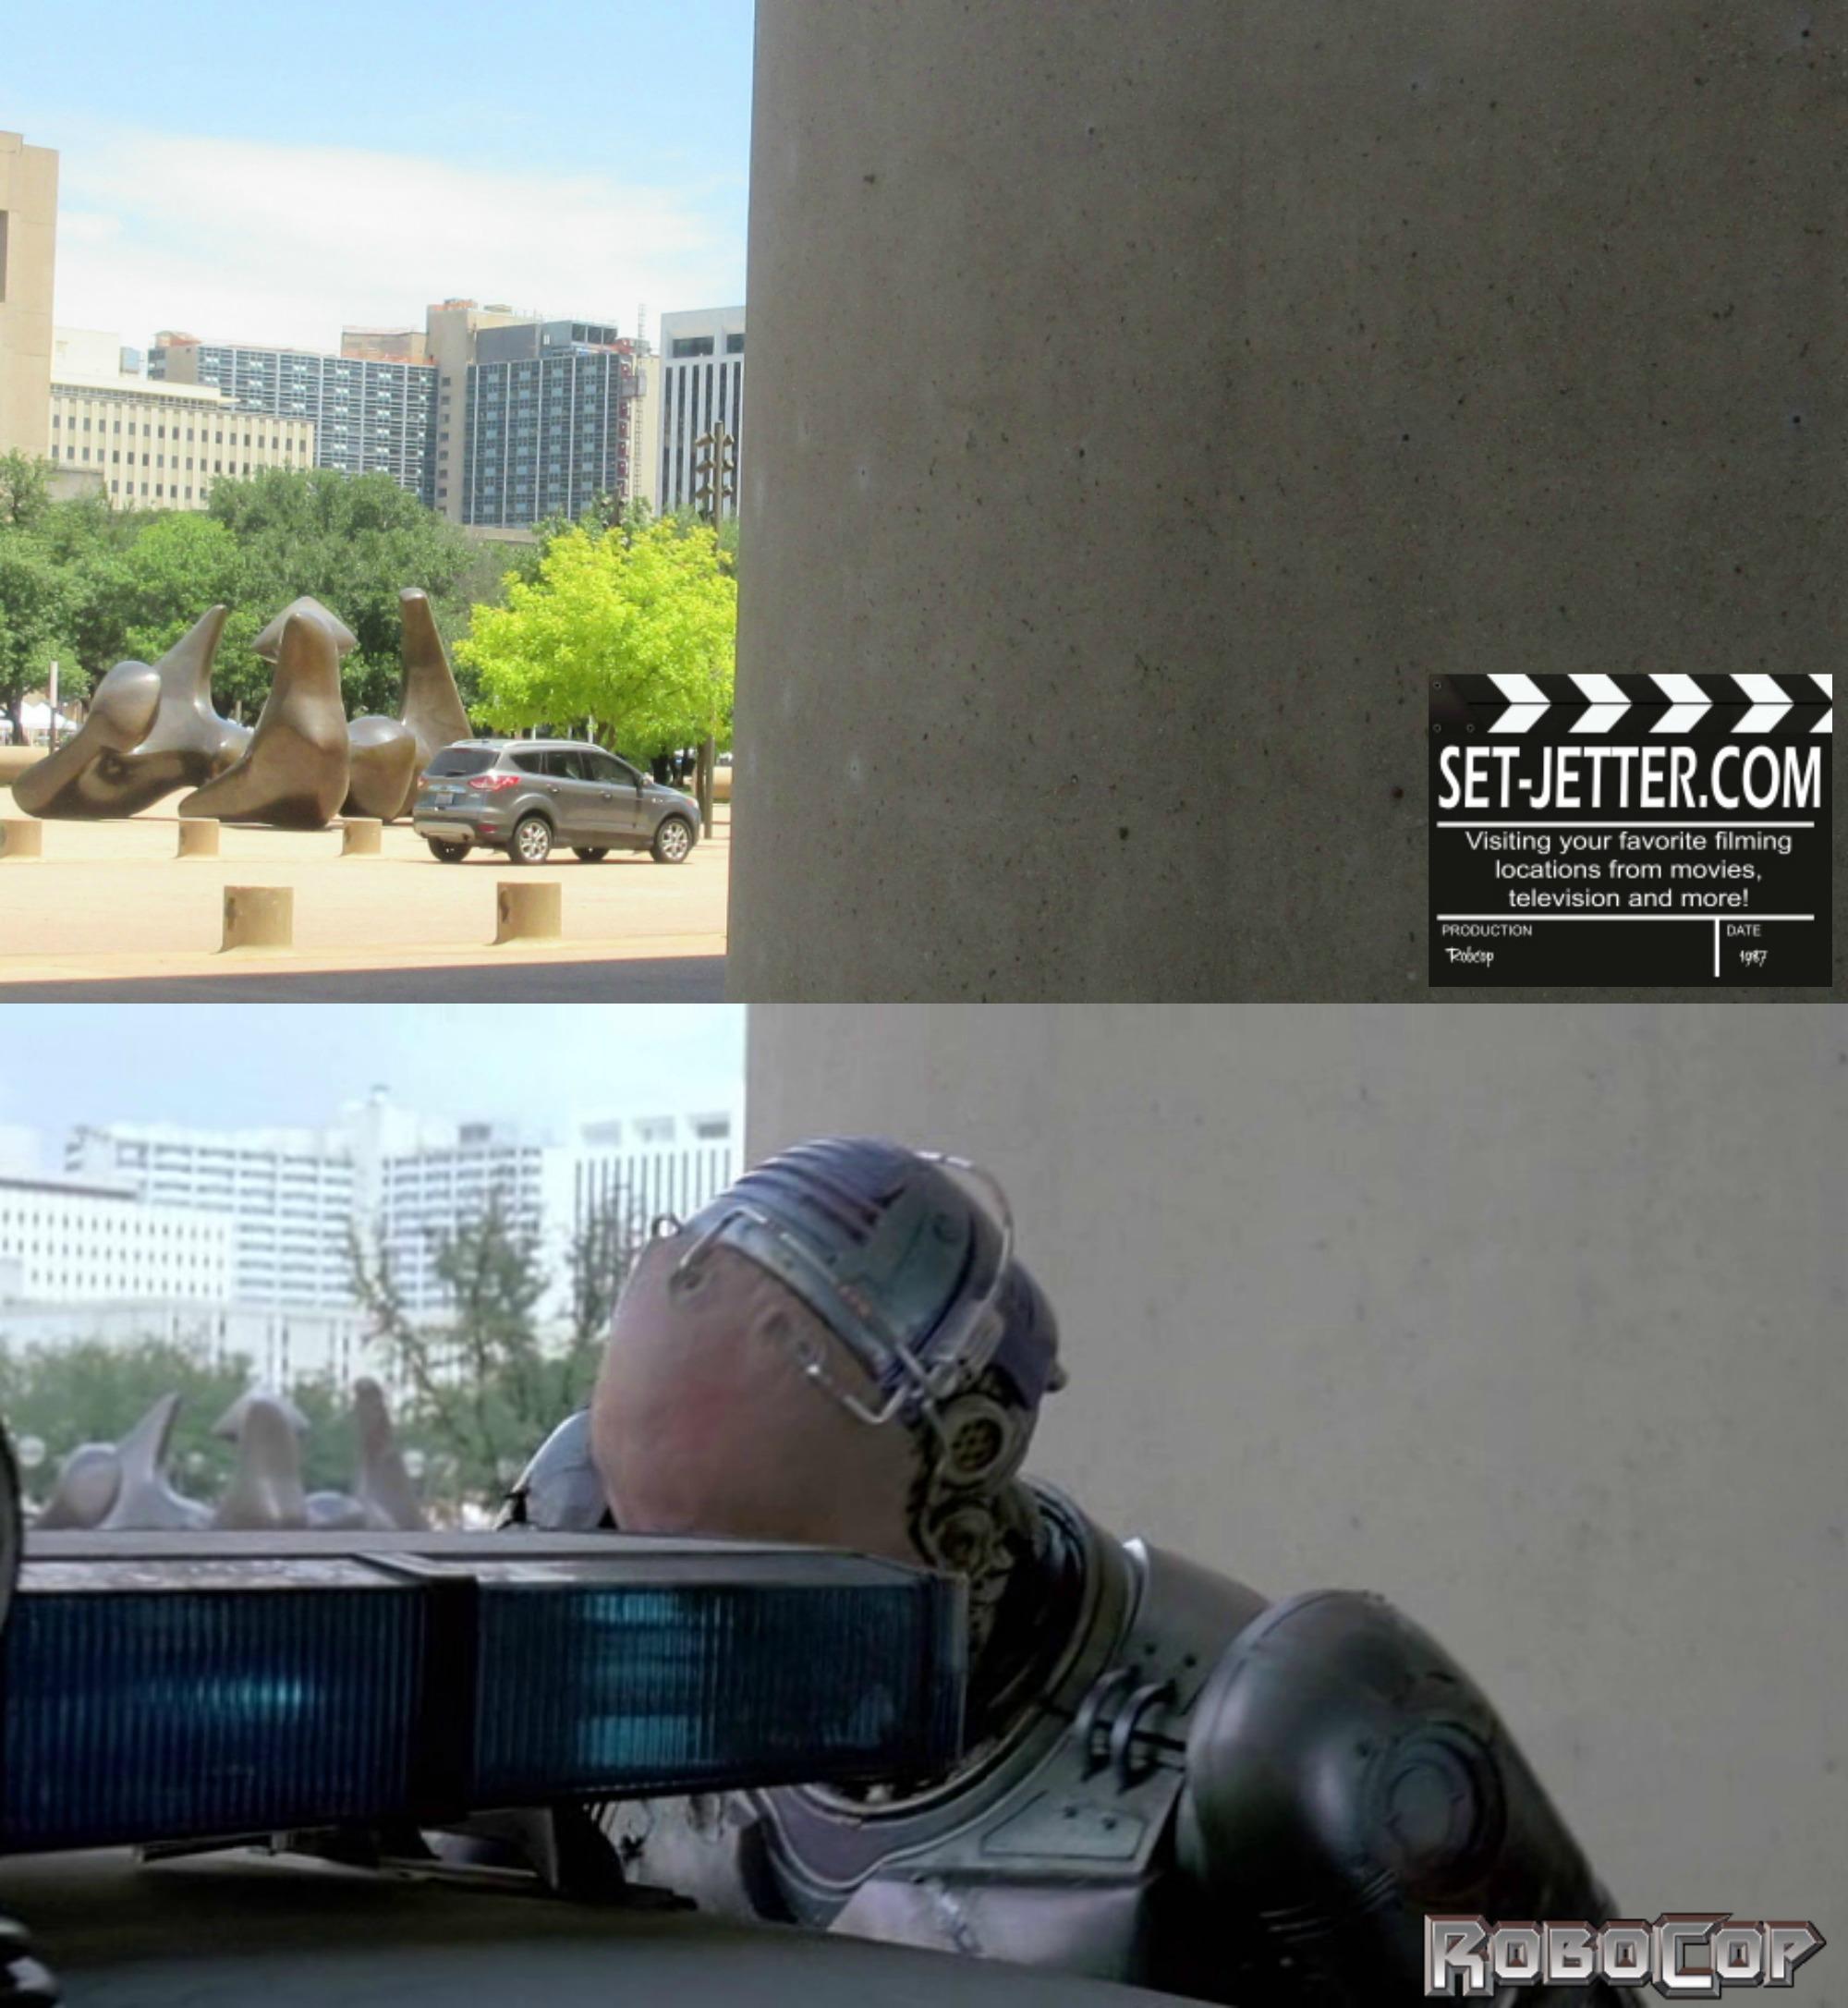 Robocop comparison 172.jpg